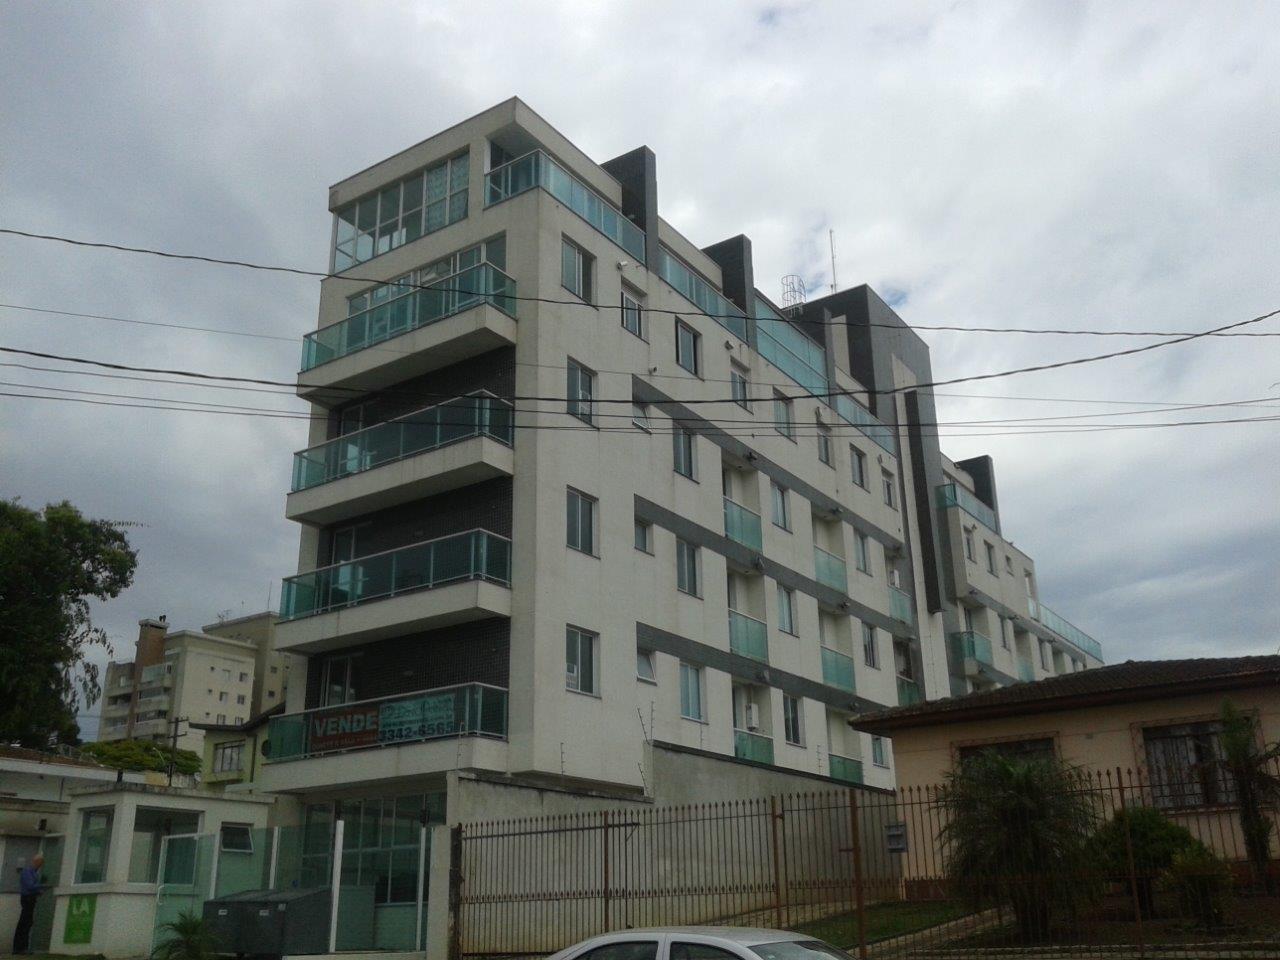 Habitação Coletiva, A=2893m² , subsolo + 6 pav. Estrutura em concreto armado e fundação direta (sapatas).